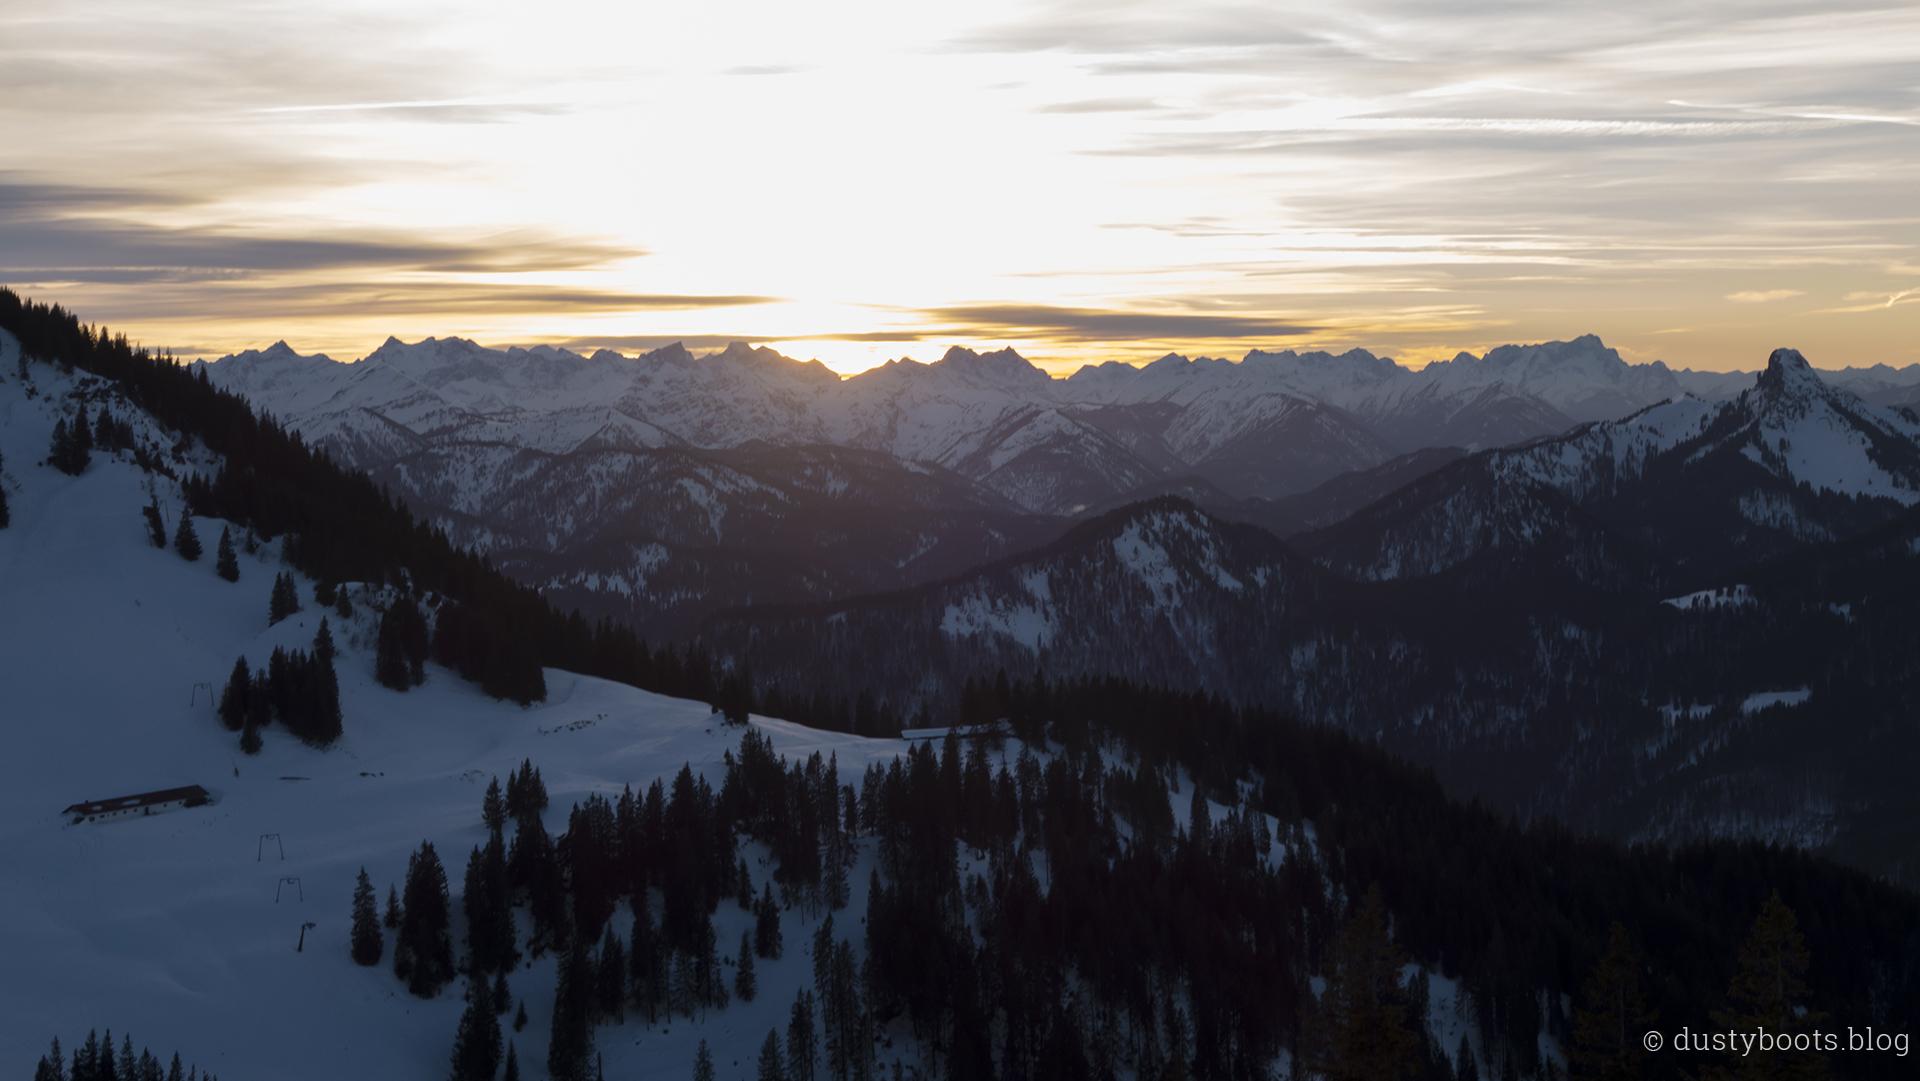 Sonnenuntergang am Wallberg